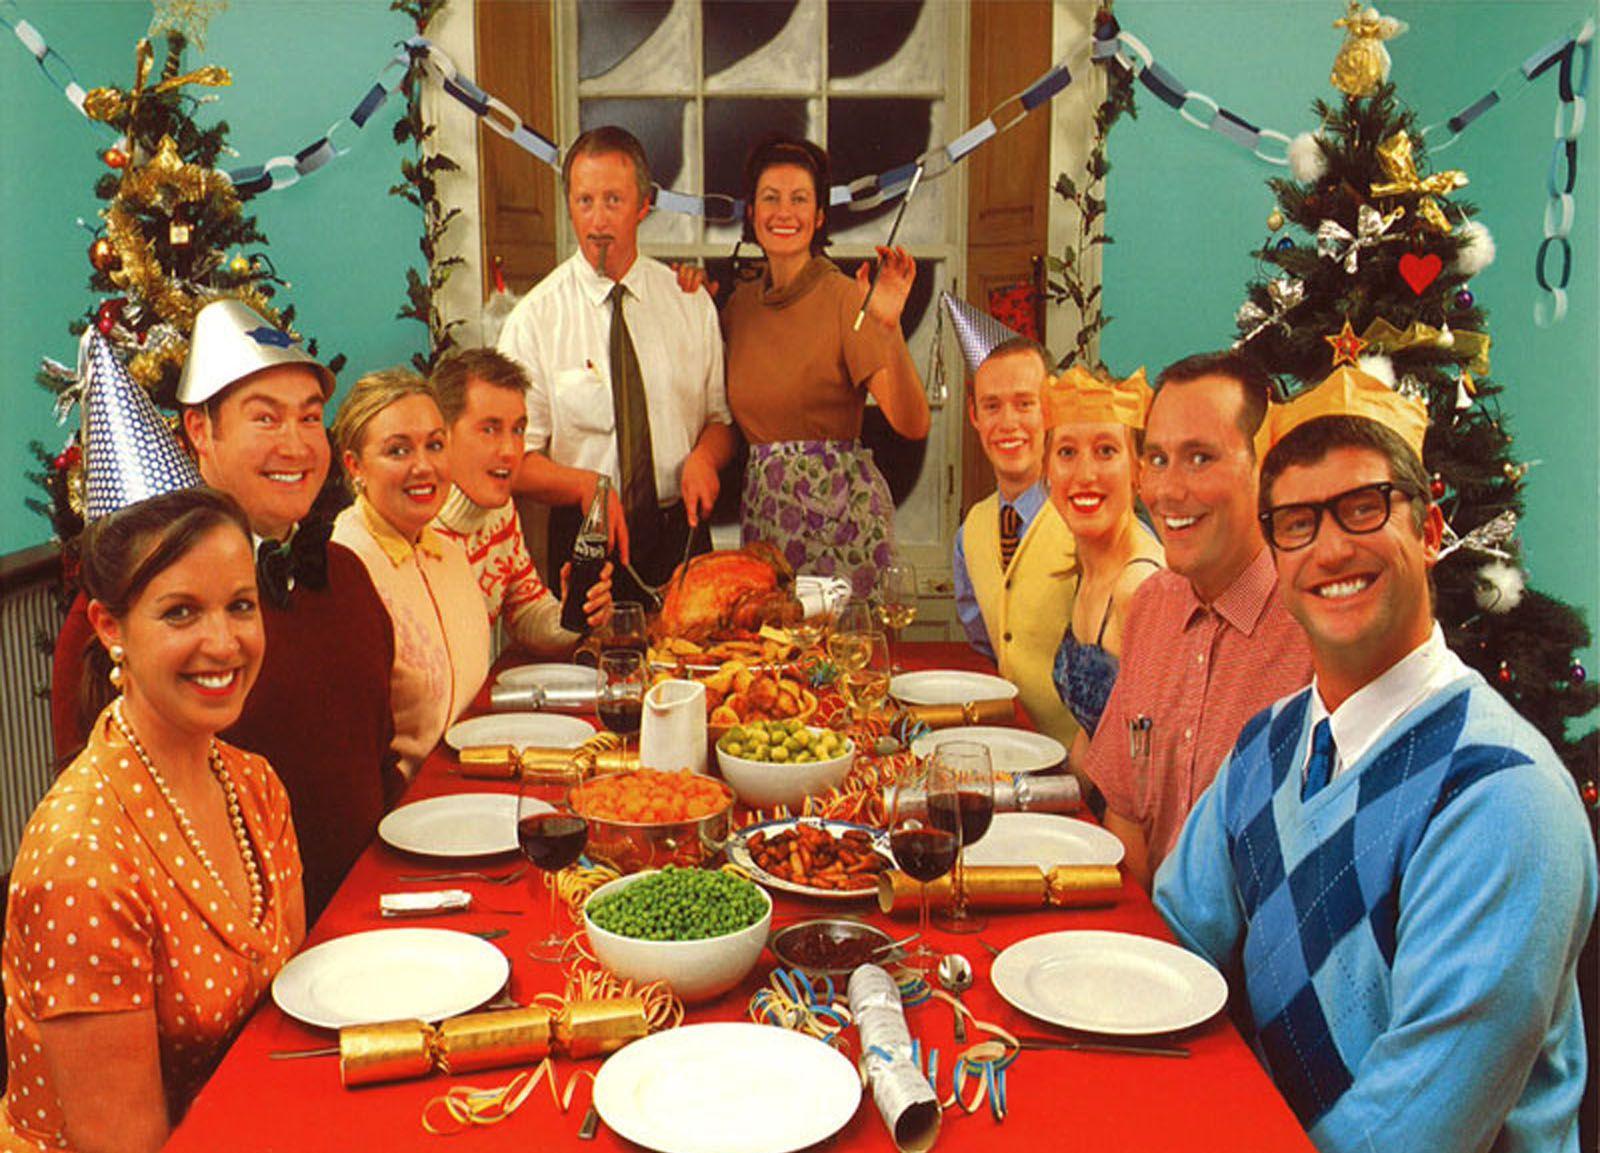 7 coisas que engenheiros/estudantes de engenharia passam no Natal em família